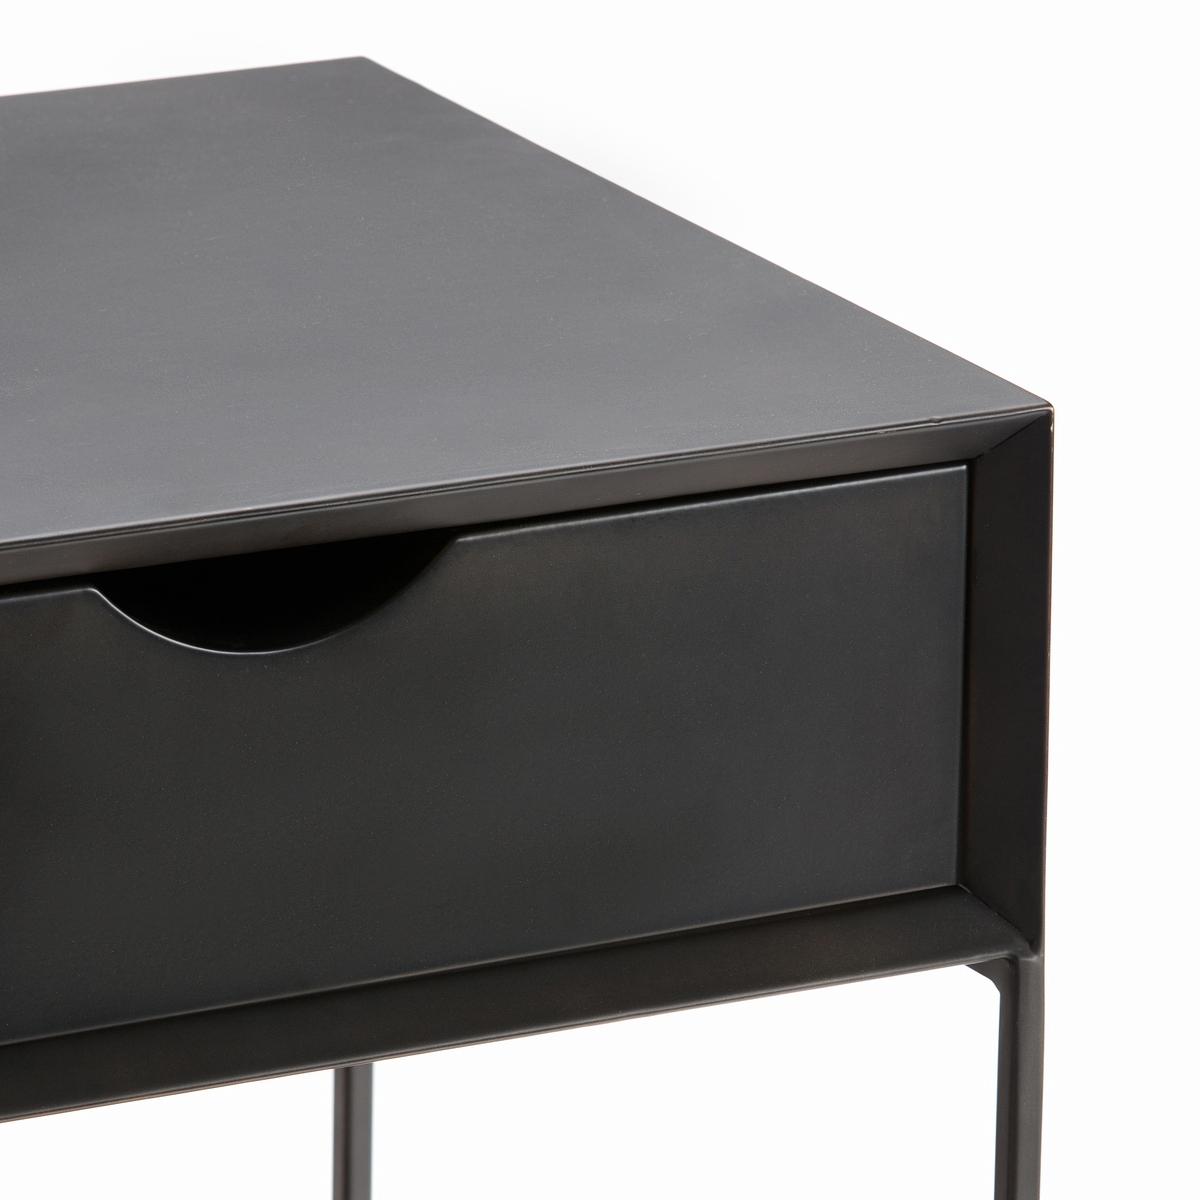 Столик прикроватный из металла, MamboМеталлический прикроватный столик Mambo . Простой и элегантный столик из состаренного металла можно использовать в спальне в качестве прикроватного или в гостиной в качестве журнального.Описание : - Состаренный металл с эпоксидным покрытием- 1 ящик- Поставляется в собранном видеРазмеры :- Ш43 x В50 x Г41 см- Размеры ящика : Ш39,2 x В11,5 x Г38,3 смРазмеры и вес упаковки: - Ш55 x В60,5 x Г52 см, 18,6 кг<br><br>Цвет: темно-серый металл